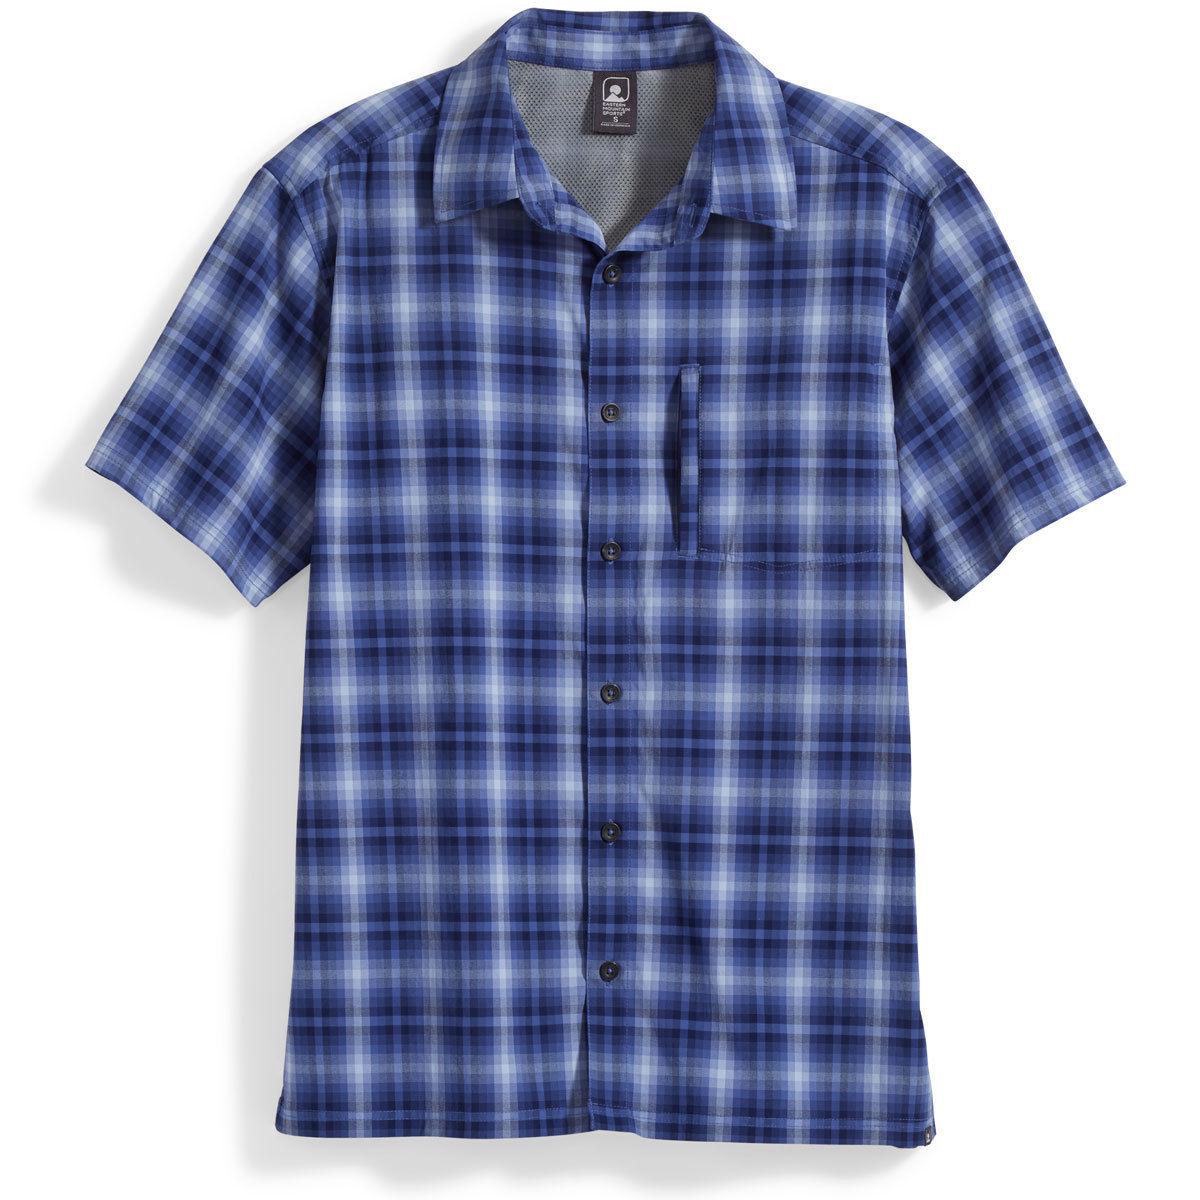 Ems Men's Journey Plaid Short-Sleeve Shirt - Blue, L